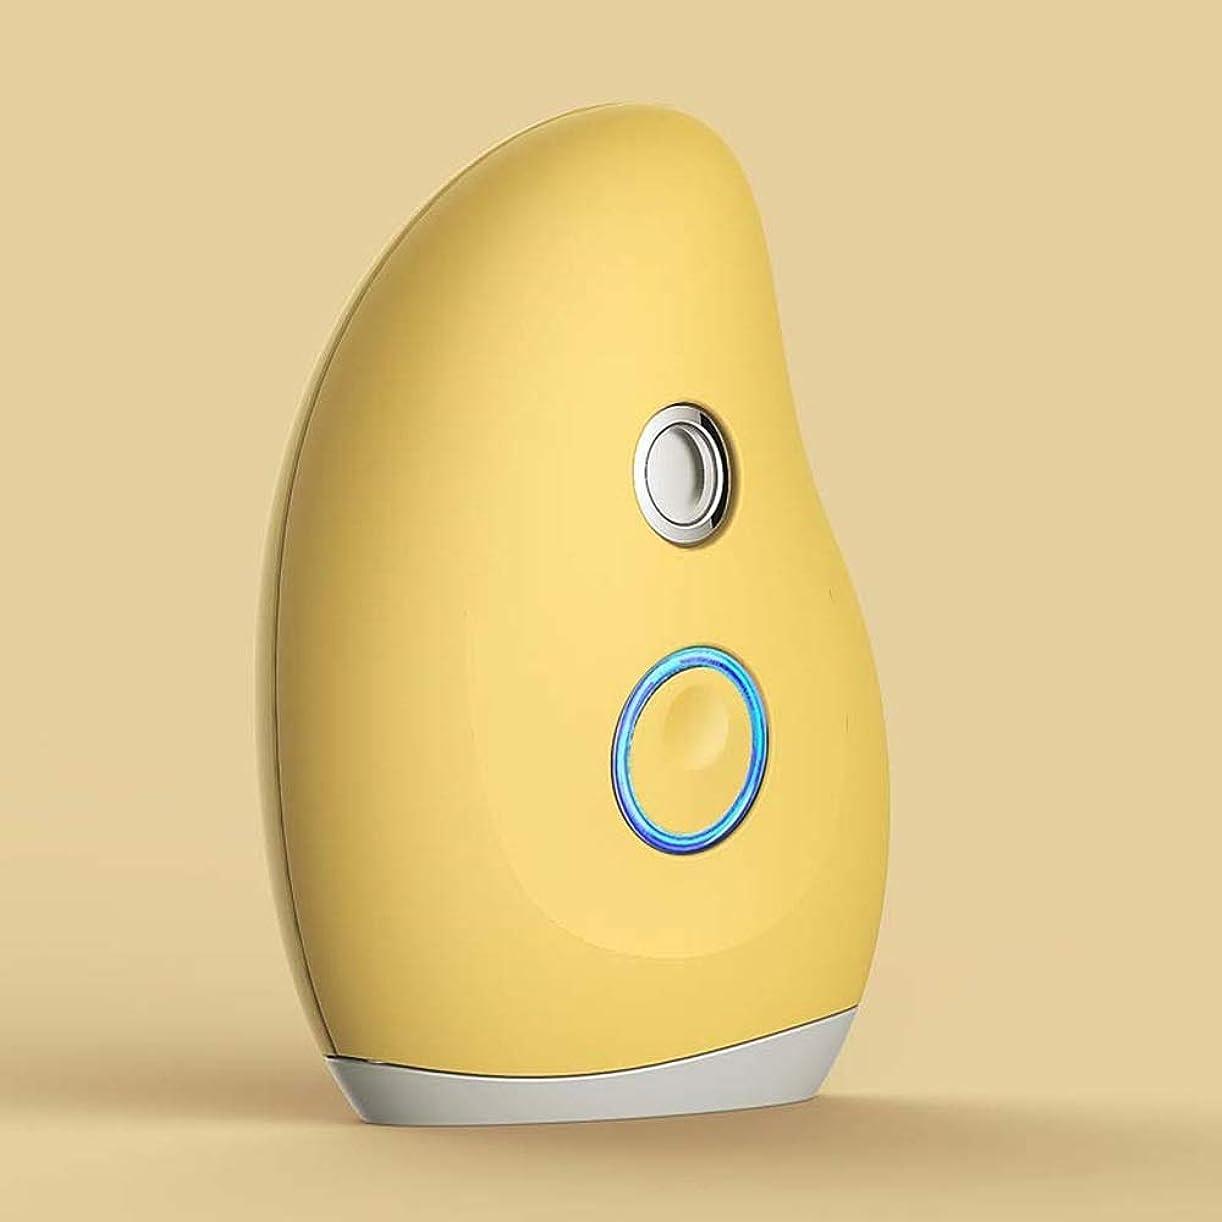 このキルト首尾一貫したZXF ナノハンドヘルドスプレーポータブル水分補給美容器具マンゴー形状コールドスプレースチーマーABS材料赤セクション黄色セクション 滑らかである (色 : Yellow)